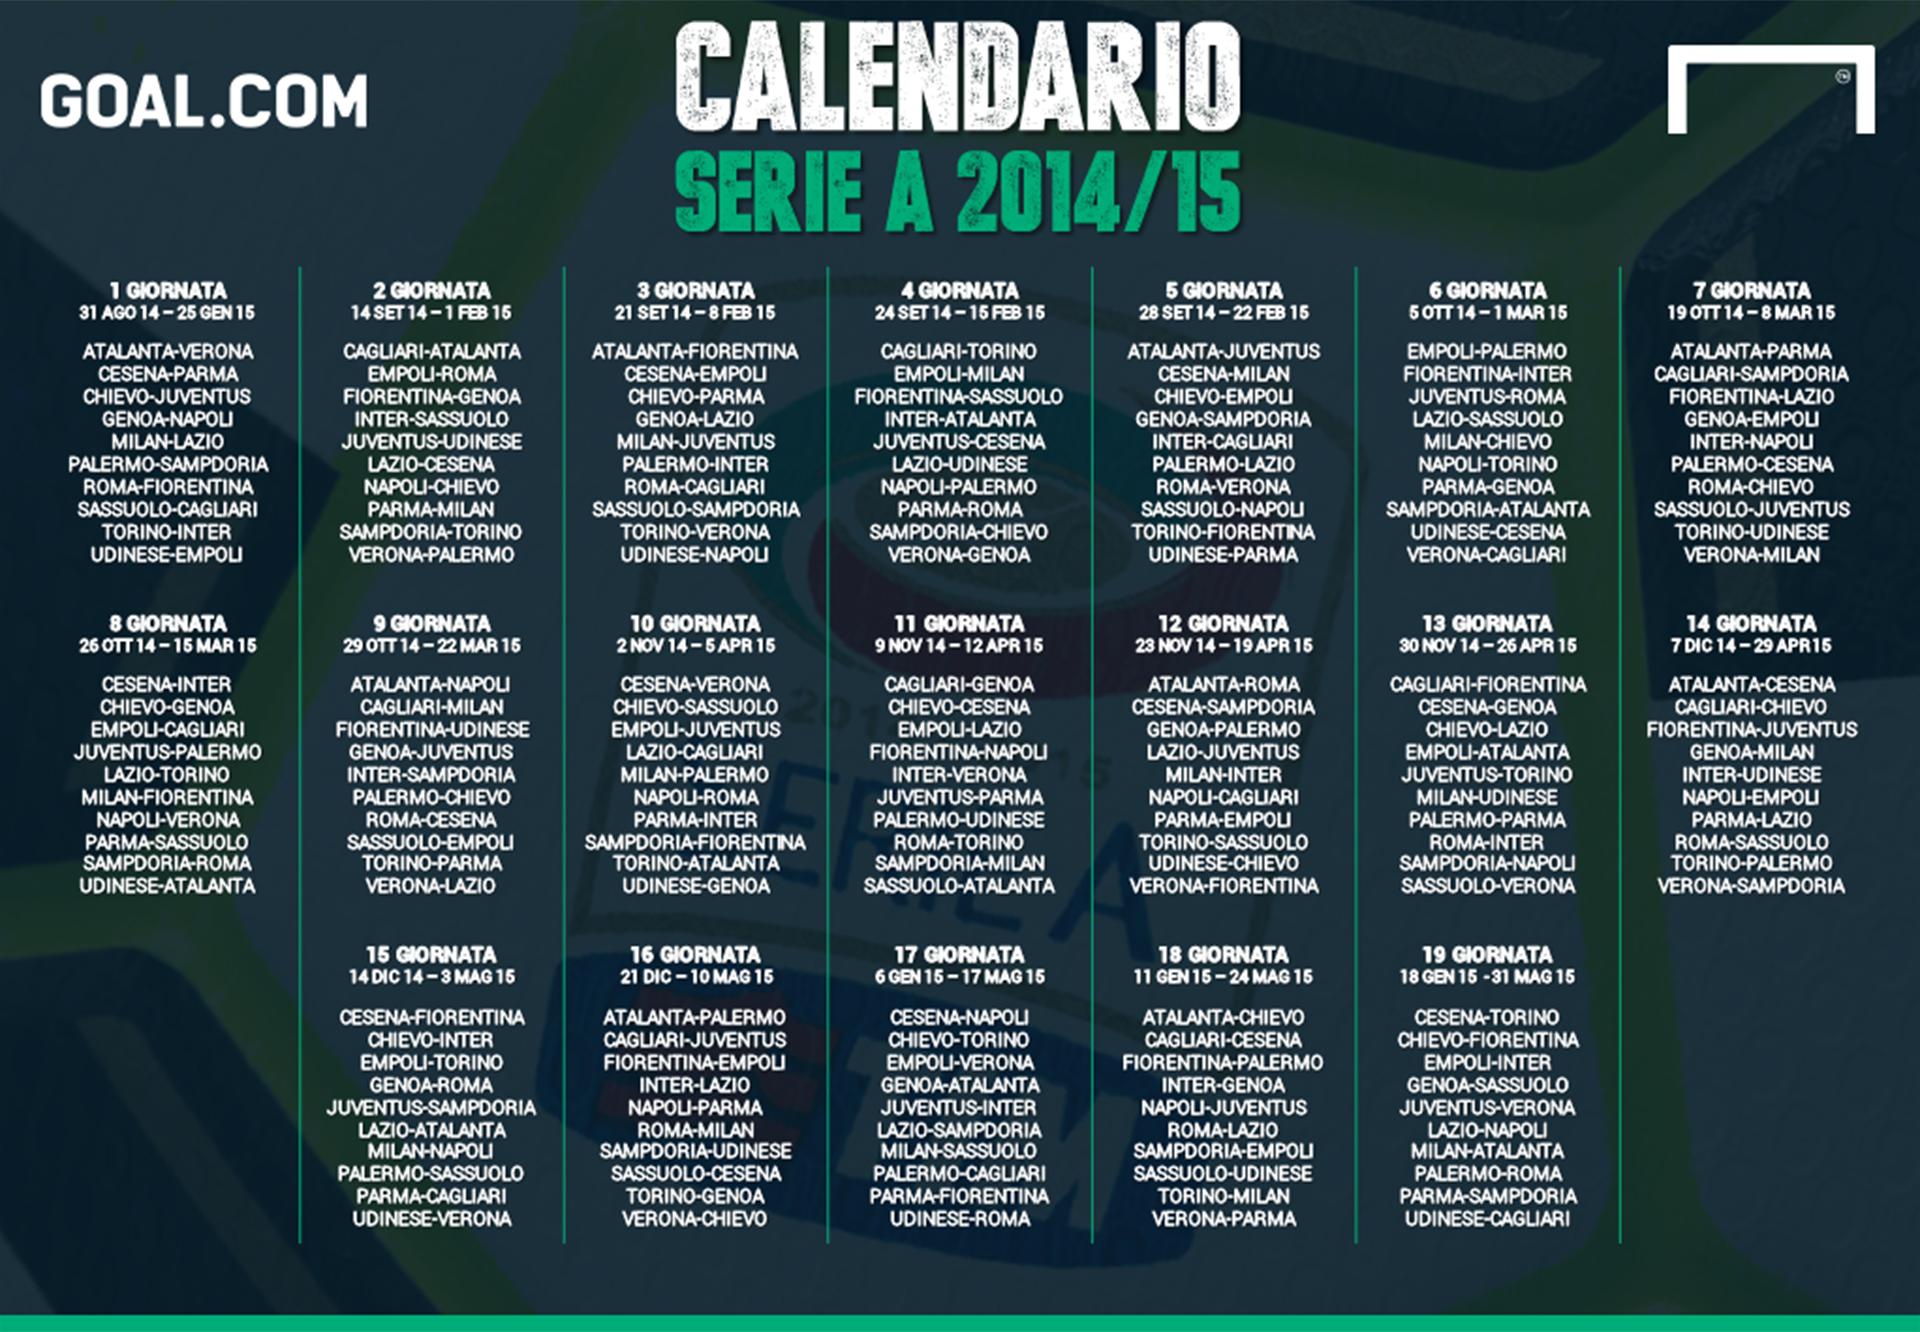 Calendario Serie A 1 Giornata.Calendario Serie A 2014 2015 Goal Com